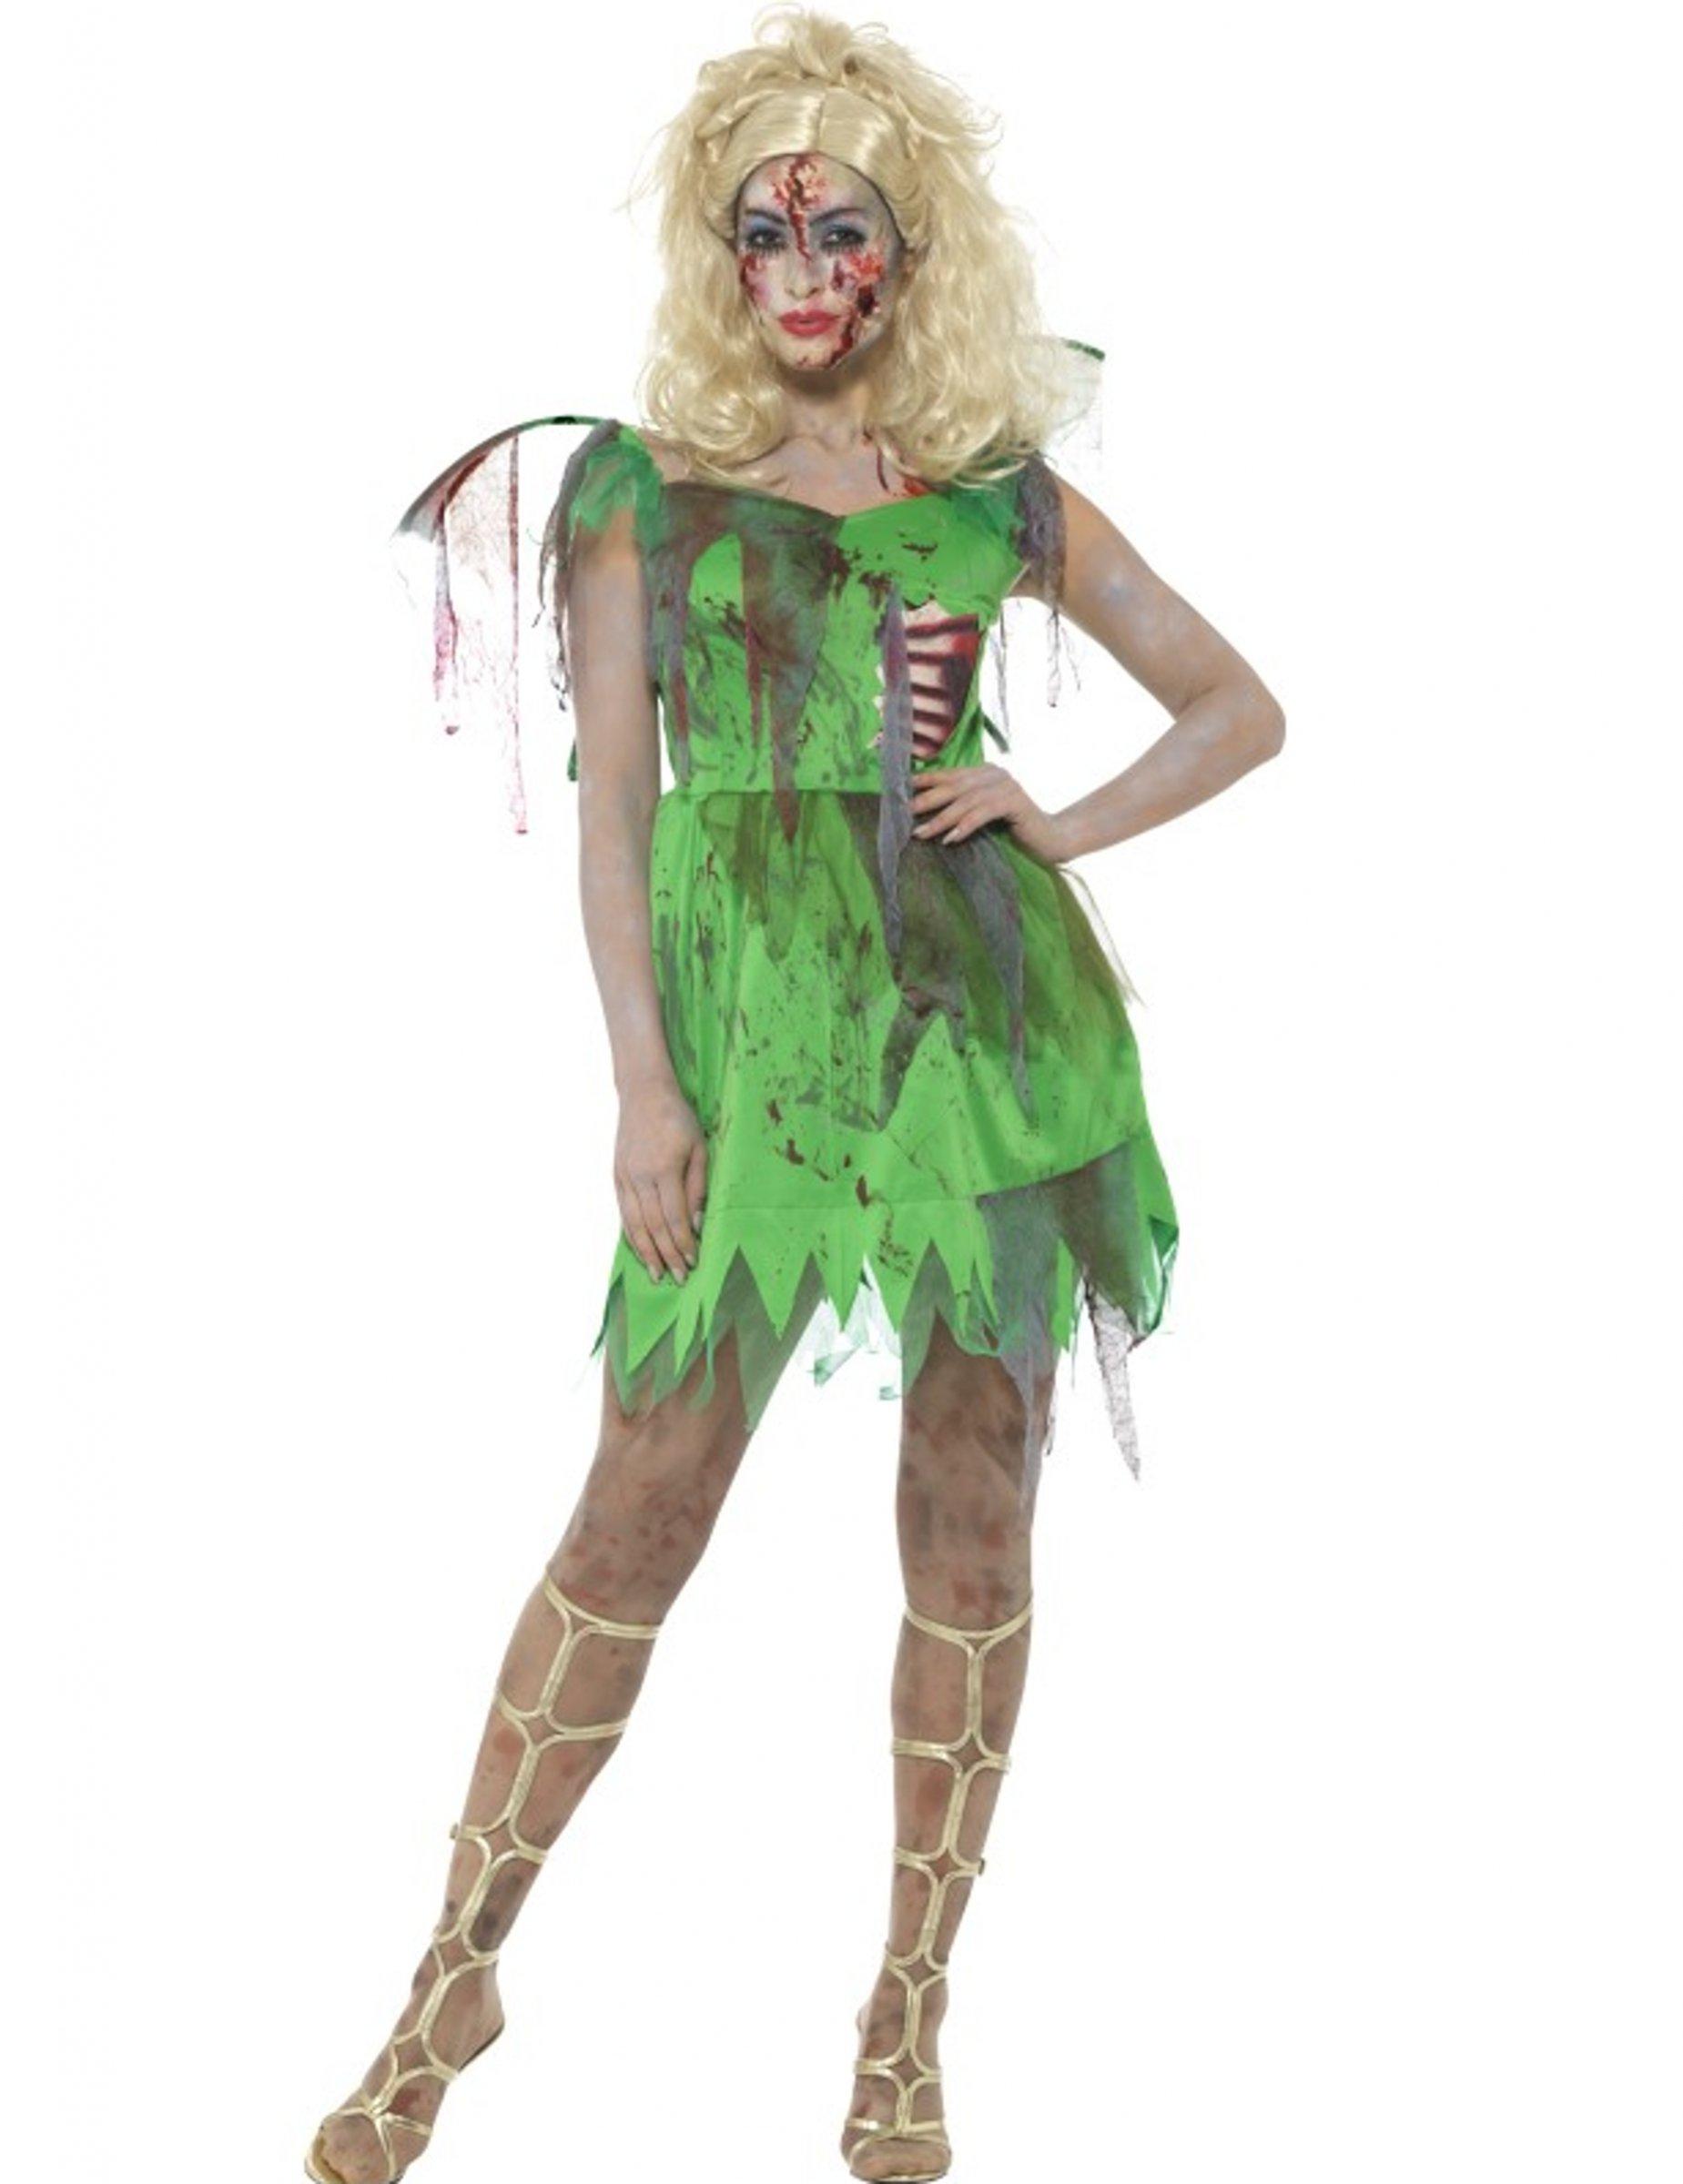 d guisement f e verte zombie femme halloween deguise toi achat de d guisements adultes. Black Bedroom Furniture Sets. Home Design Ideas